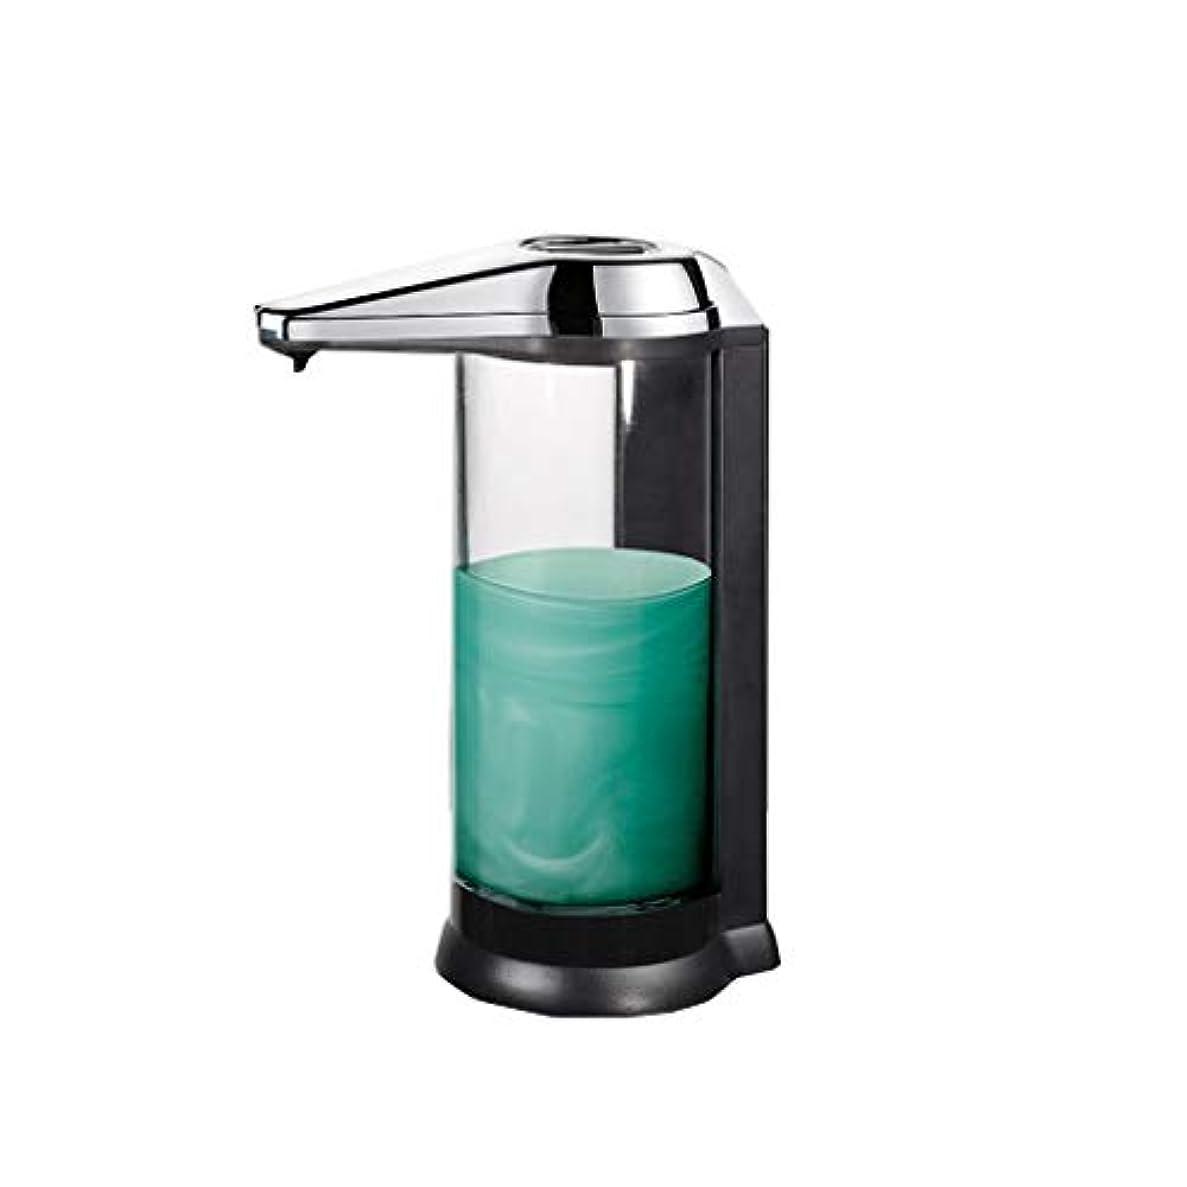 ブランド悪夢鳩せっけん ソープディスペンサー自動ソープディスペンサー赤外線モーションセンサー液体ディスペンサー防水リークプルーフ非接触石鹸子供、キッチン、バスルームに適して 新しい